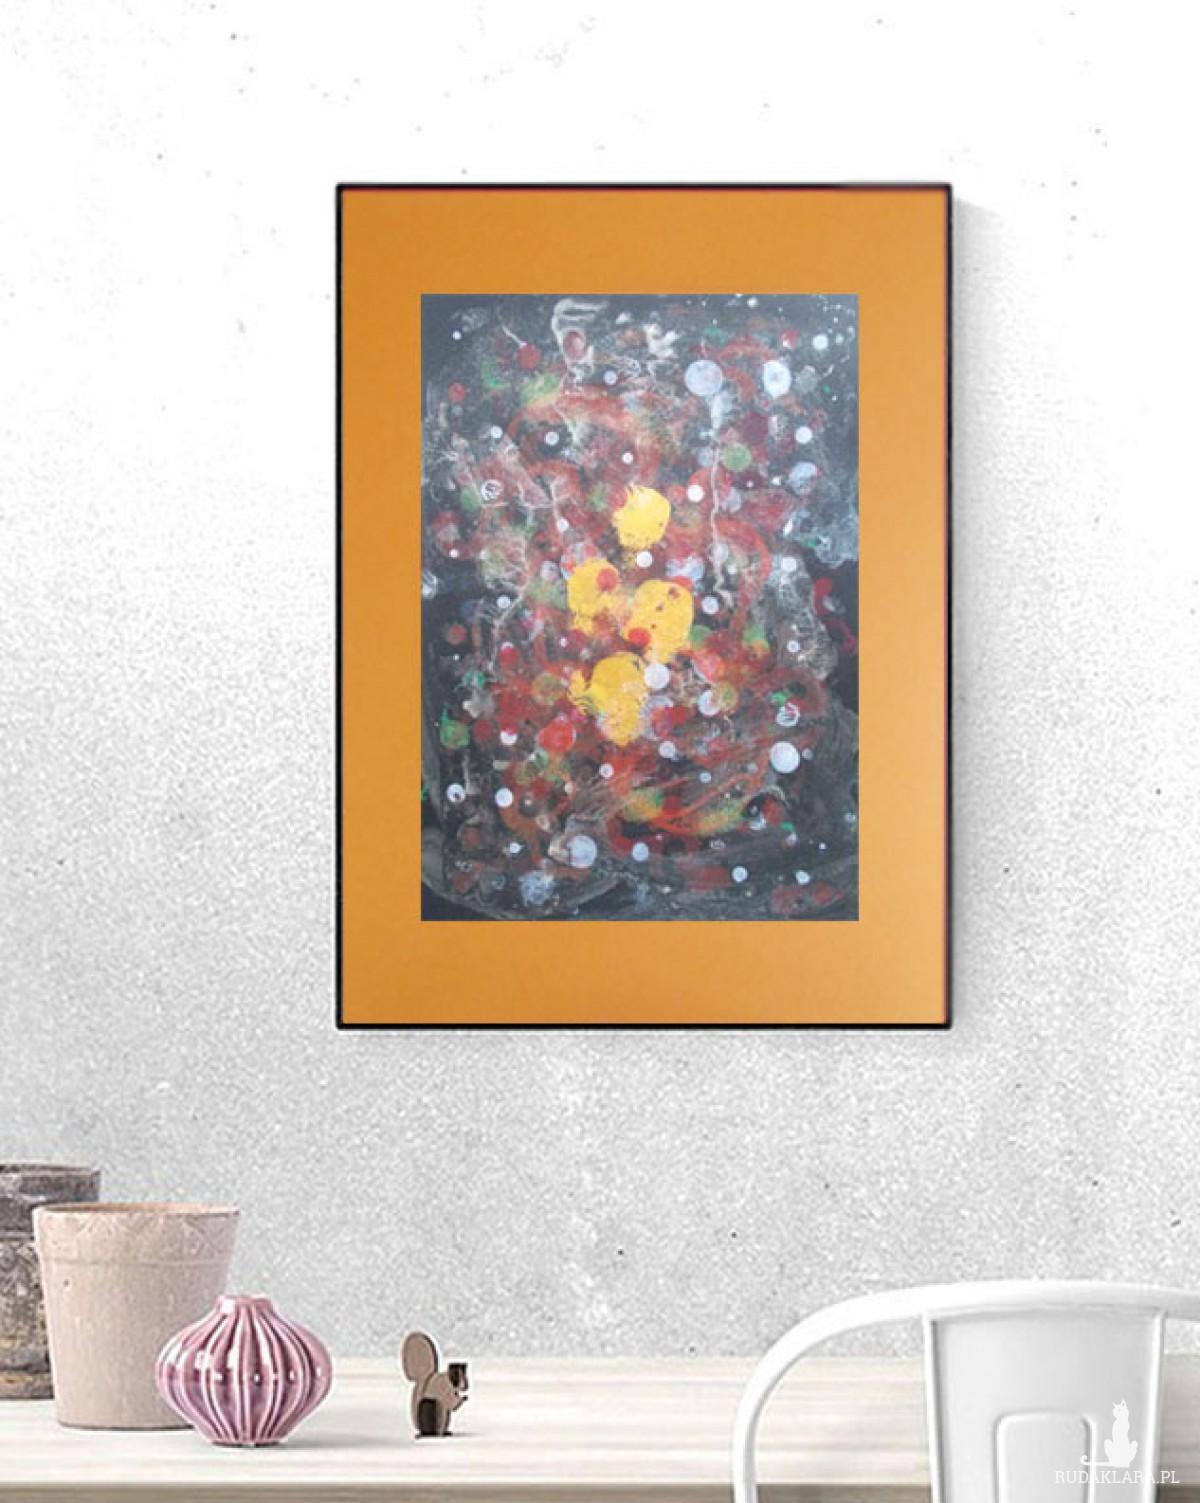 nowoczesna dekoracja na ścianę, abstrakcja do pokoju, oryginalna grafika